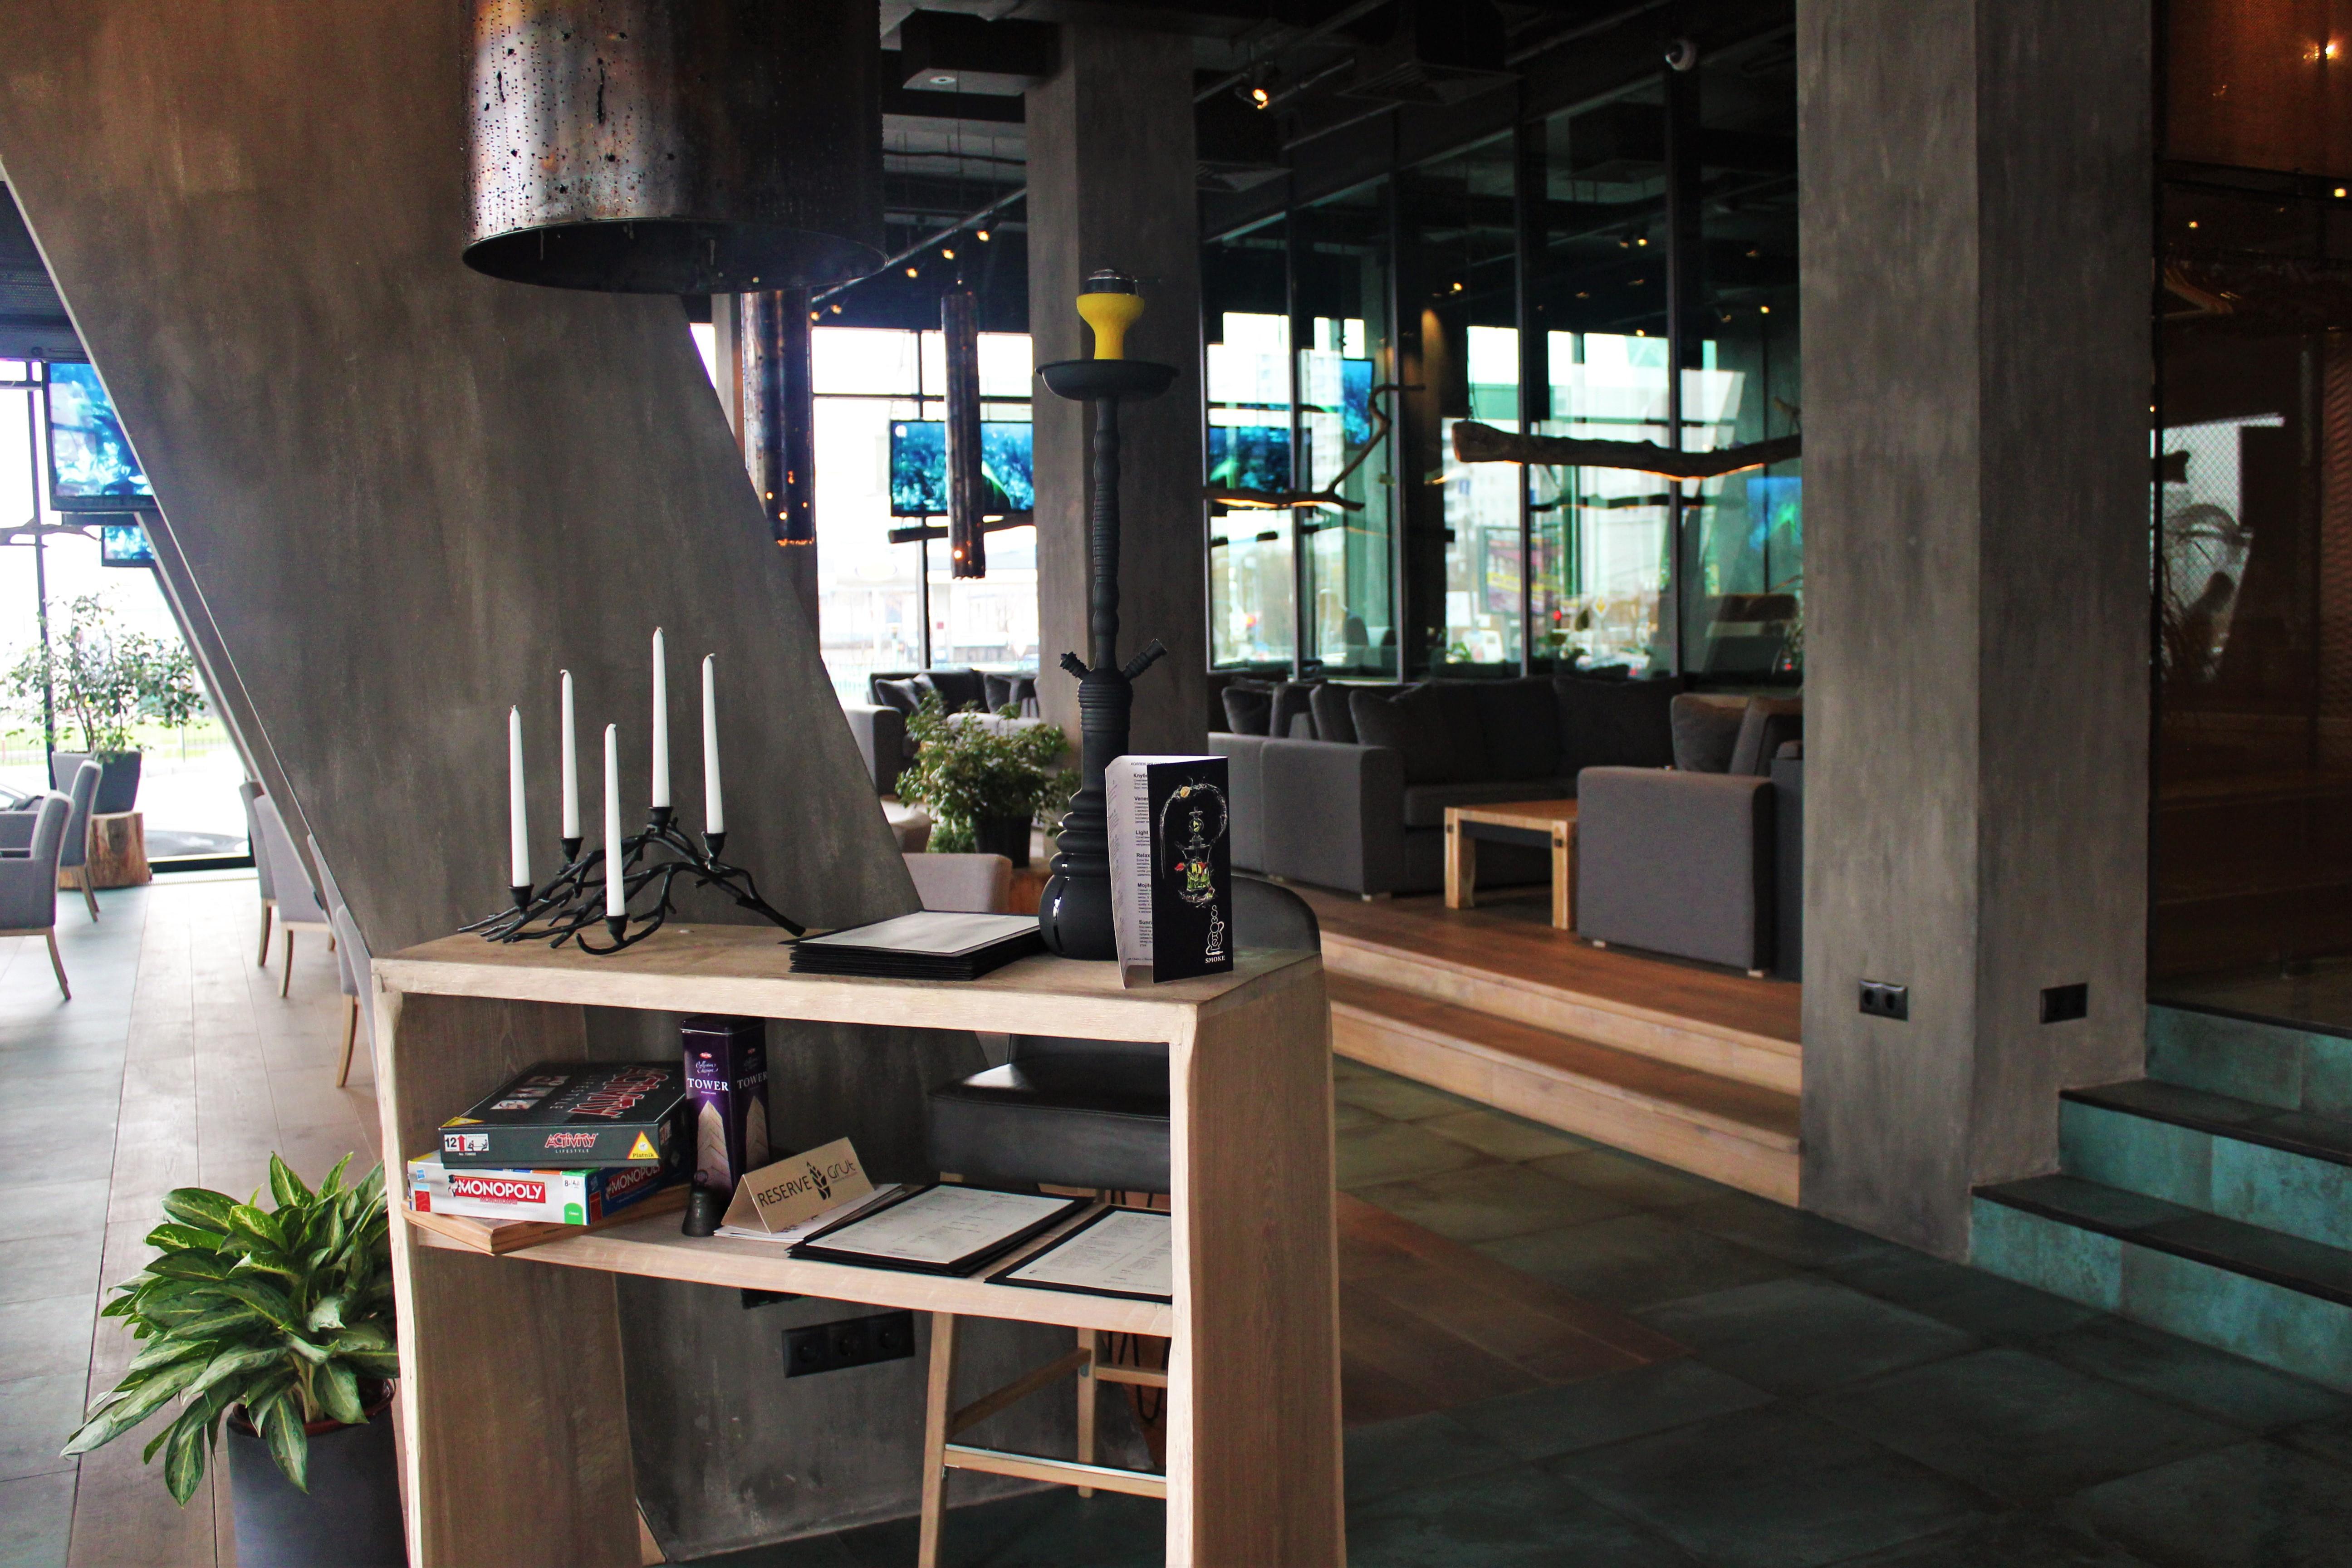 Grut Грют Grut: изысканный ресторан на юге столицы 4 1